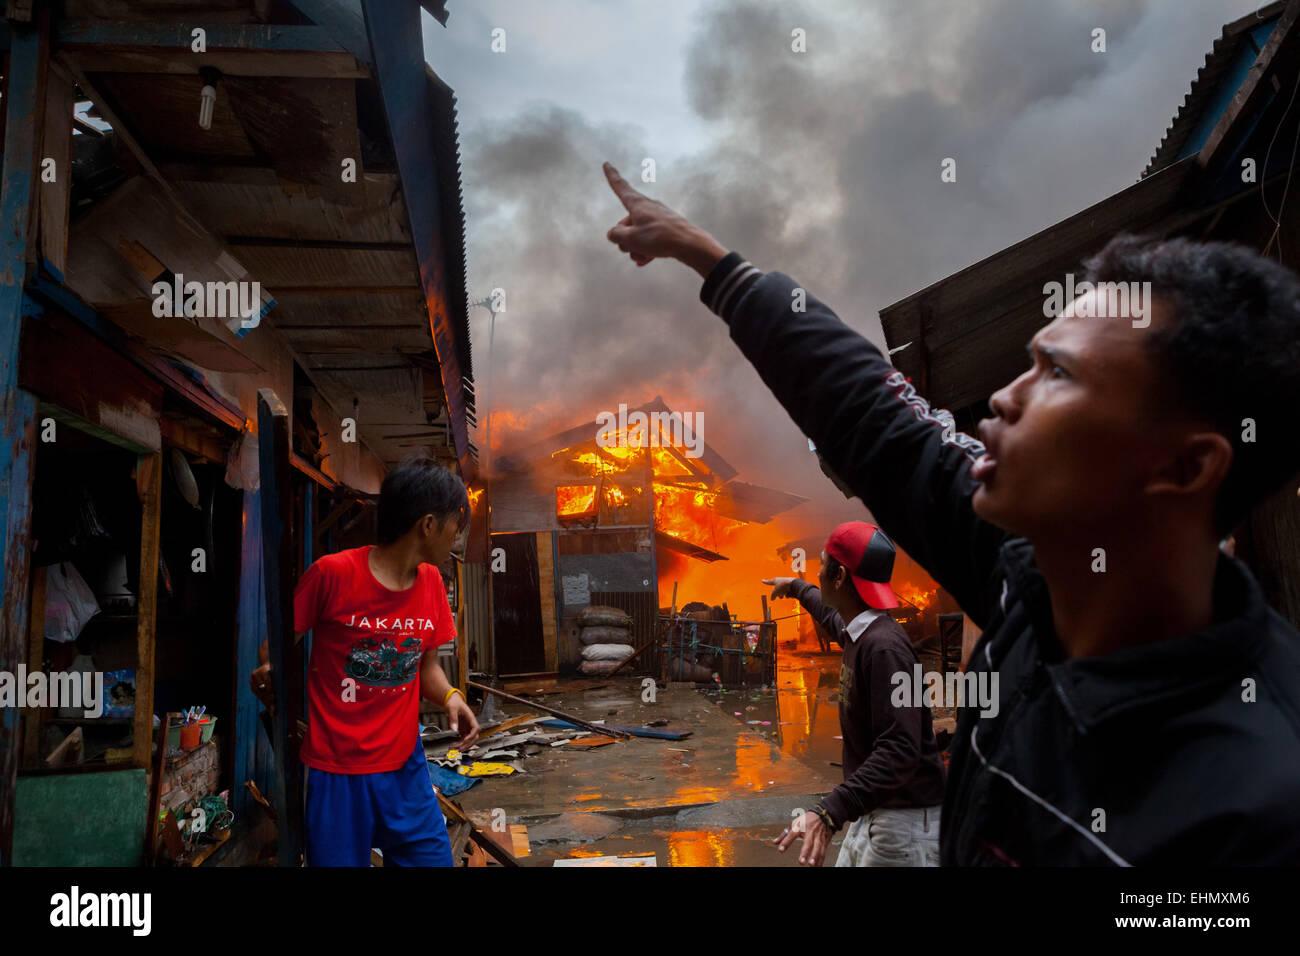 Menschen vor Ort zu koordinieren um einen Feuerunfall in der dichten Jakarta Nachbarschaft zu bekämpfen. © Stockbild